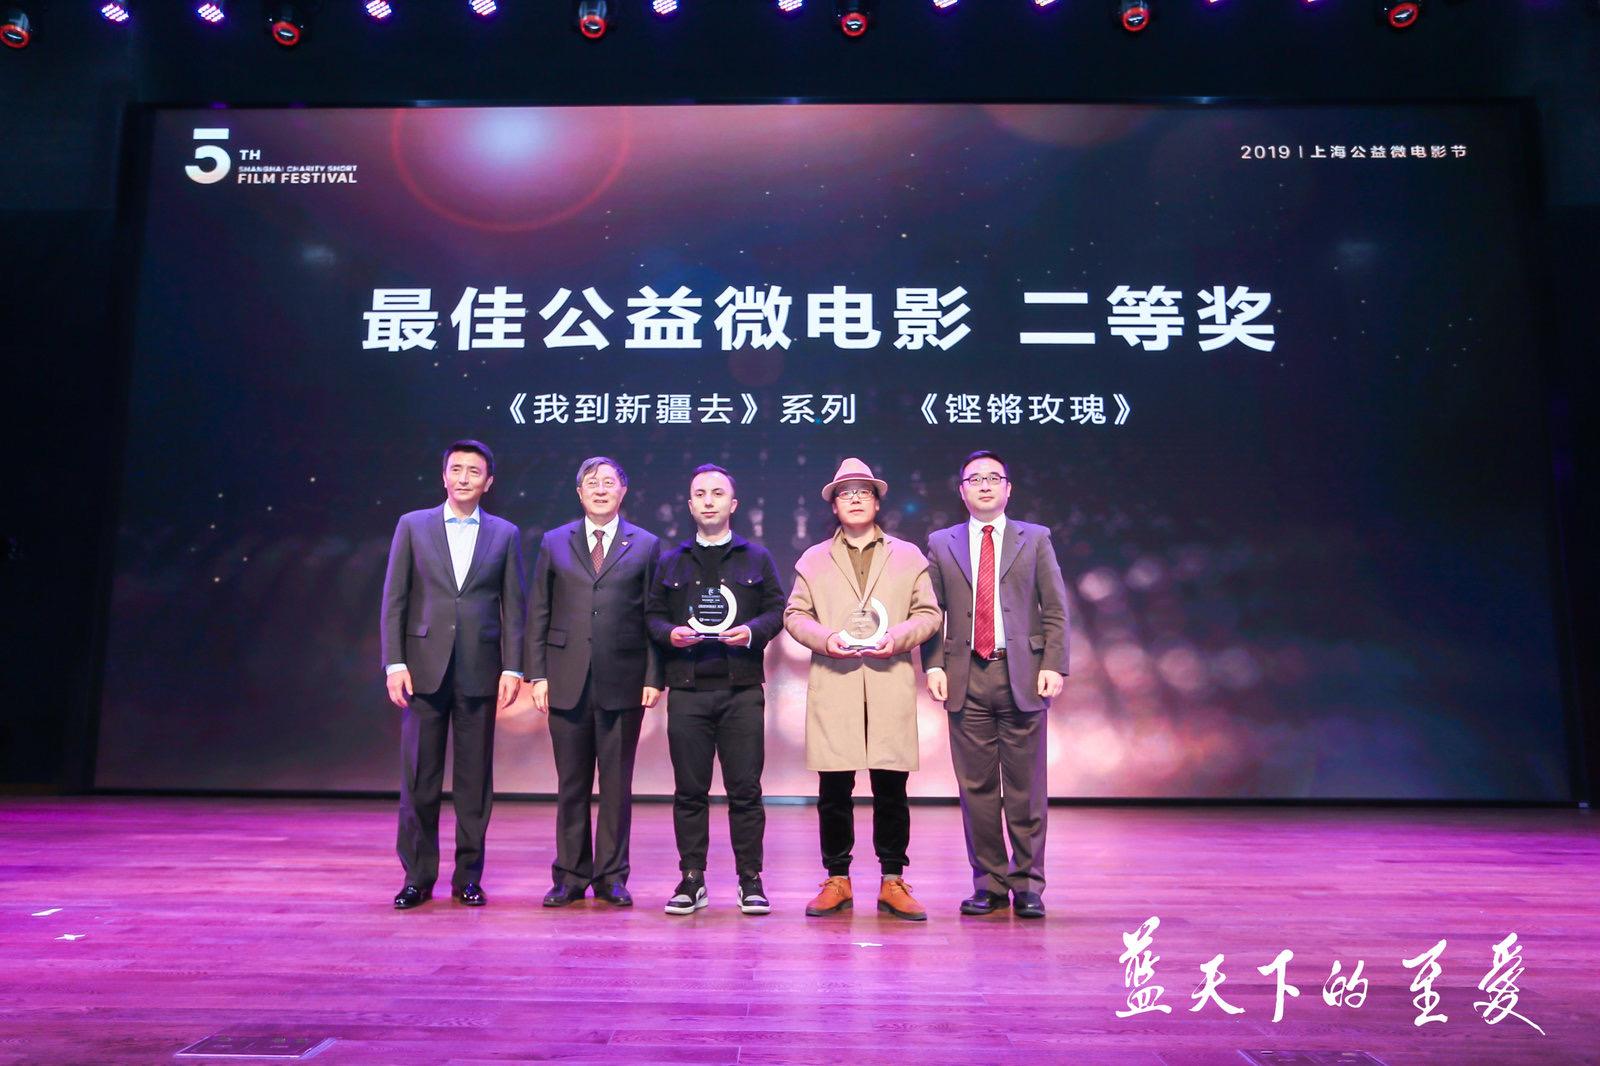 最佳公益微电影二等奖《我到新疆去》系列、《铿锵玫瑰》